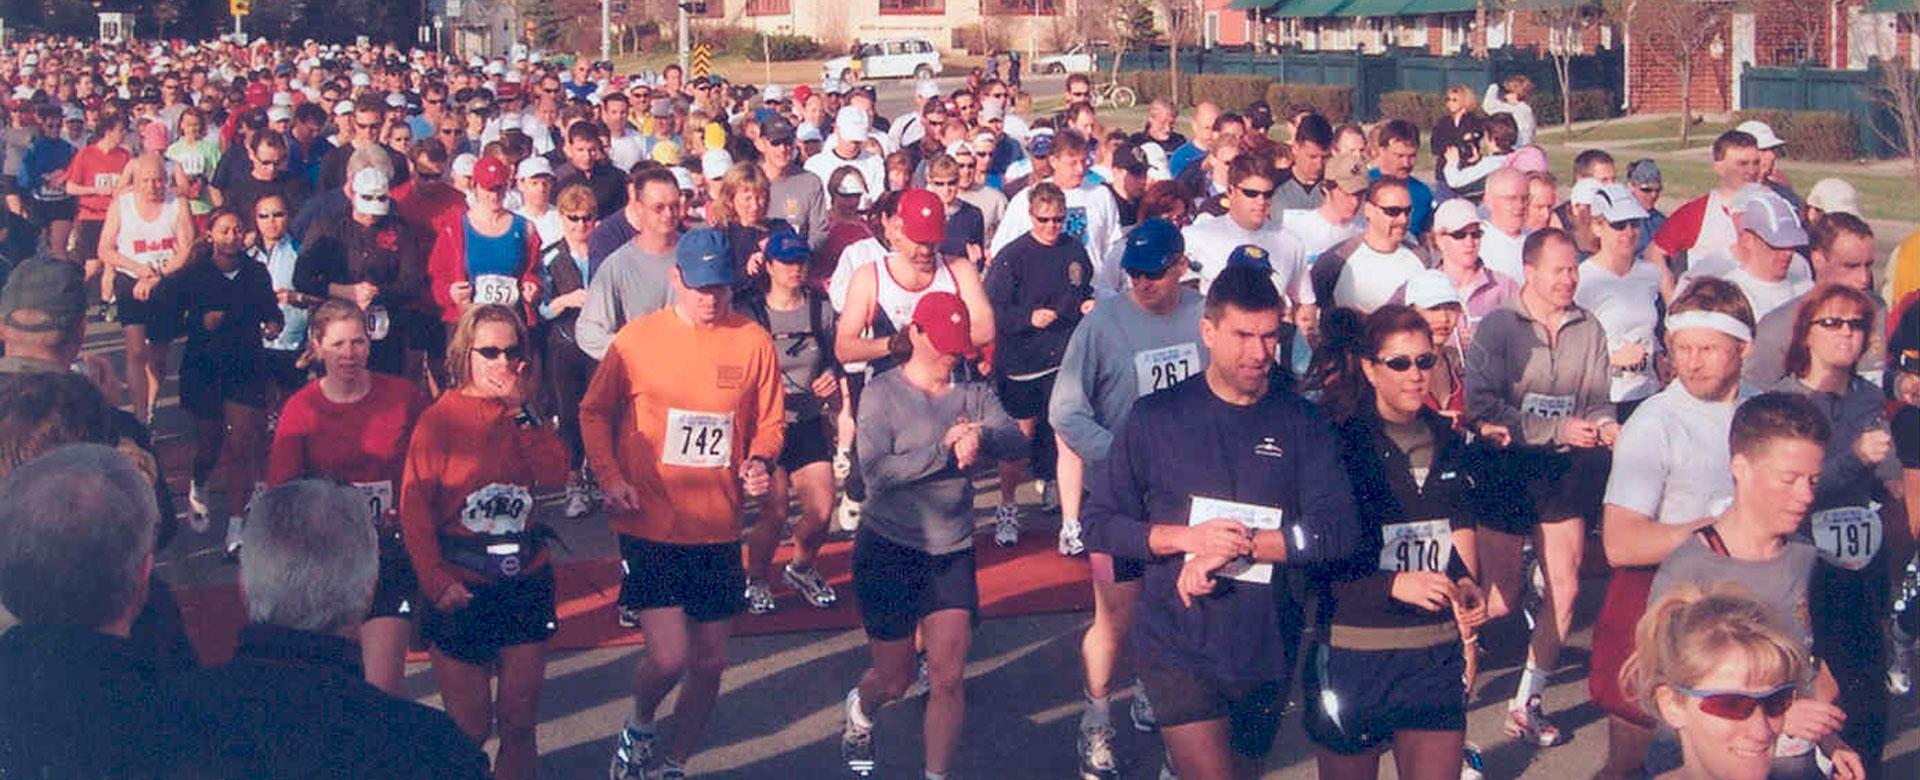 About the Half Marathon